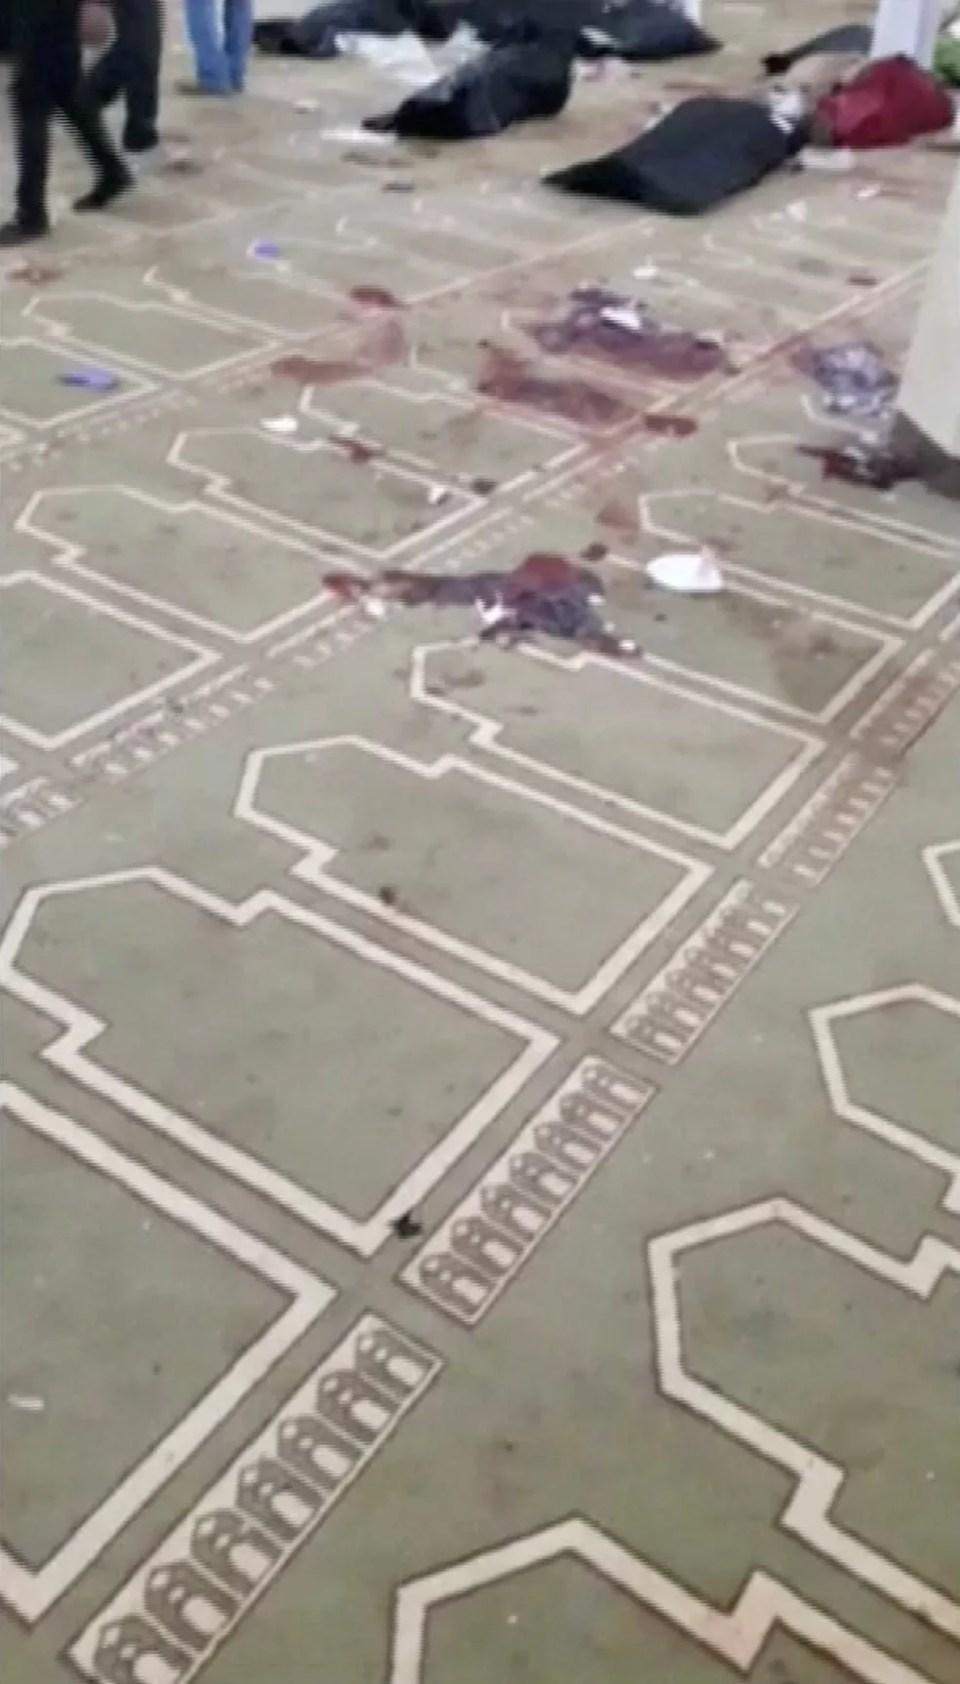 Manchas de sangue no chão da mesquita atacada no Egito (Foto: Reuters)